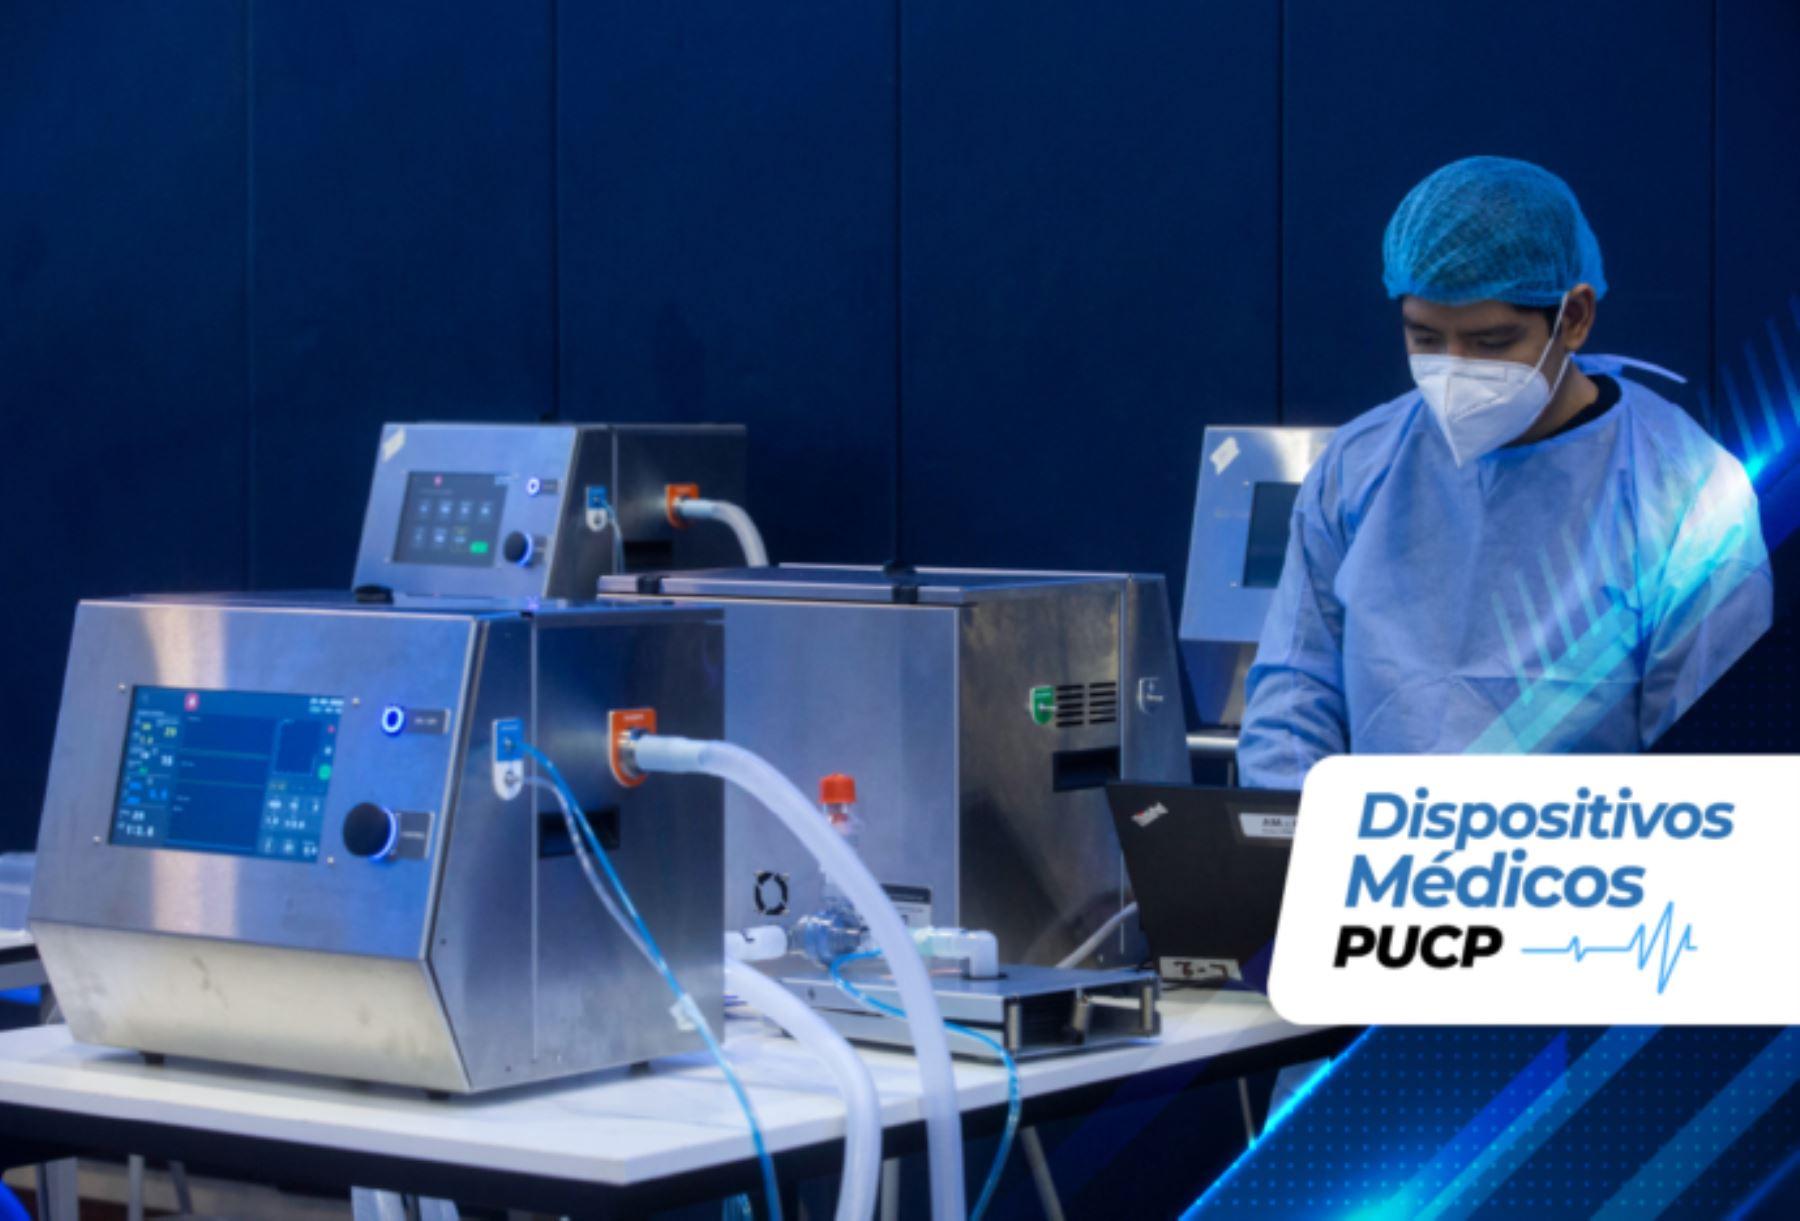 cuentas-con-un-prototipo-de-dispositivo-medico-este-concurso-puede-financiartelo